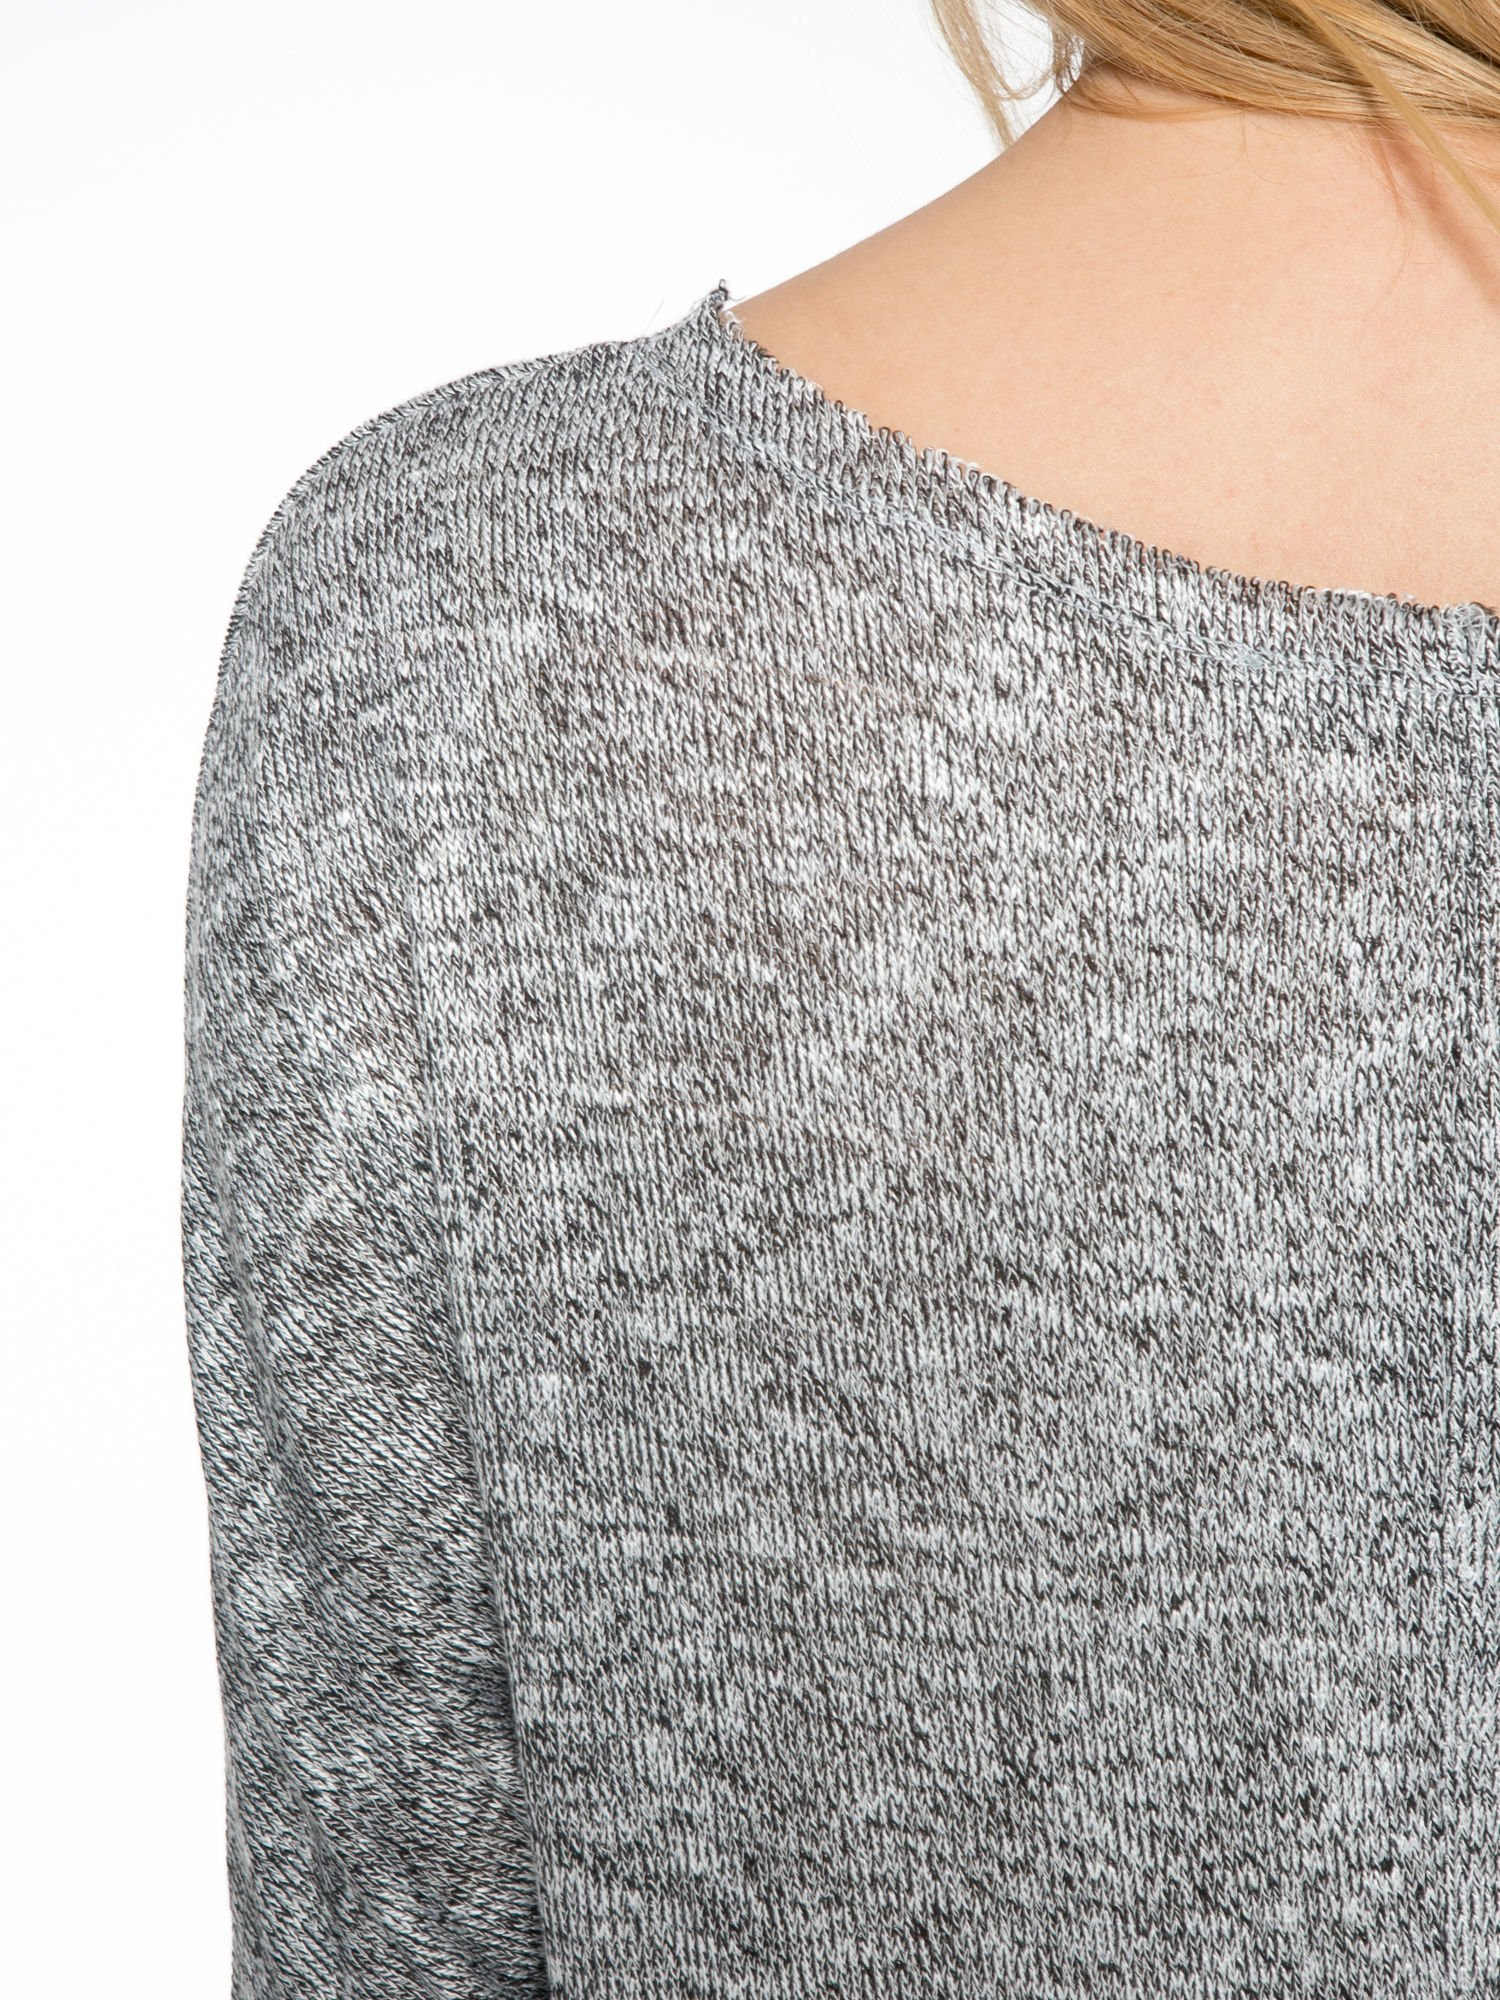 Szary melanżowy sweterek o luźnym kroju z kieszonką                                  zdj.                                  7